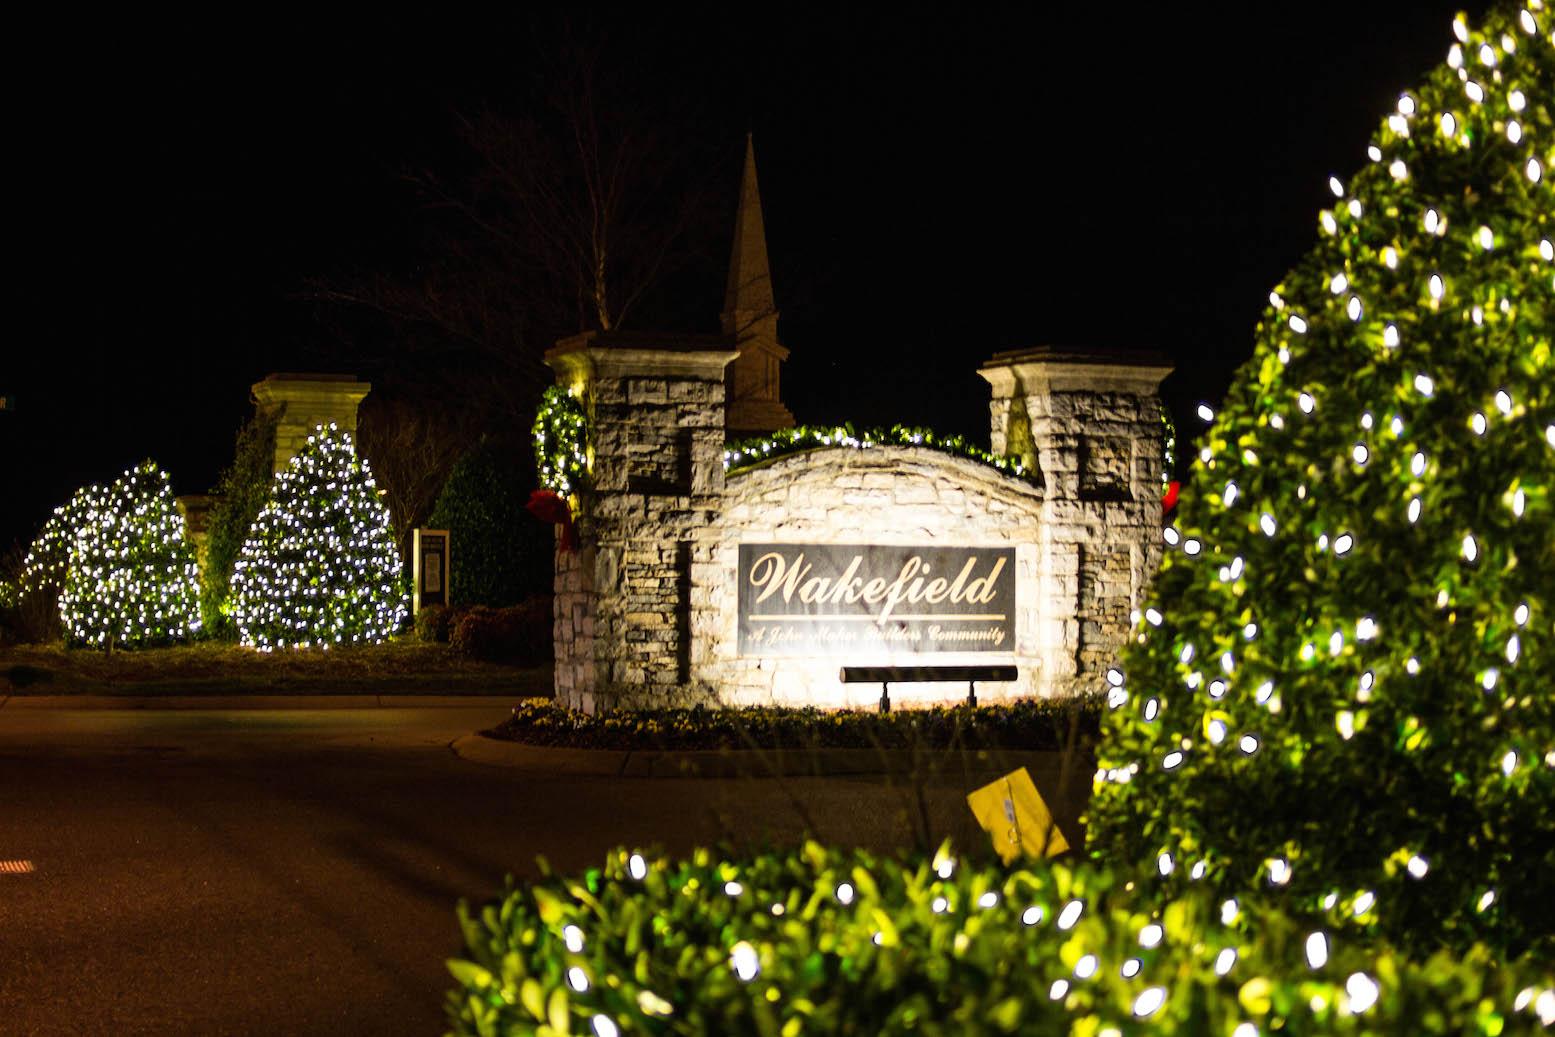 neighborhood entrance christmas lights and decorations